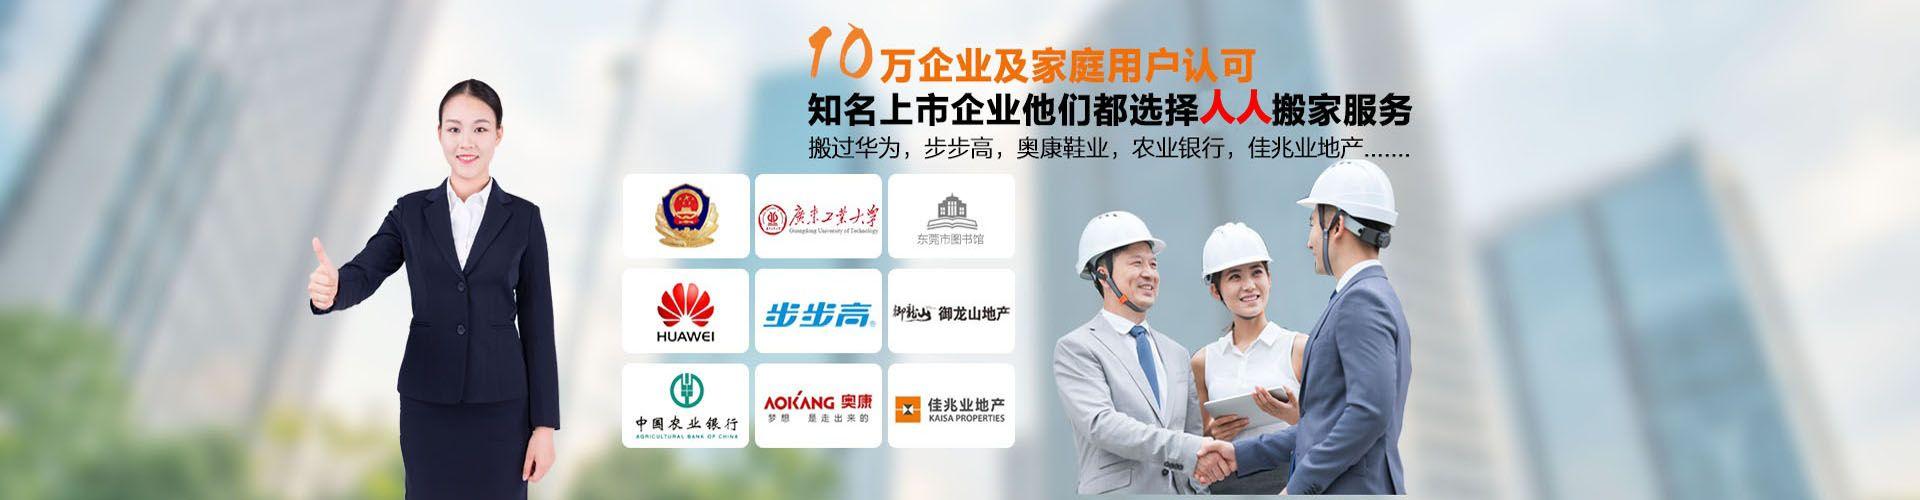 用户认可广州人人搬家公司